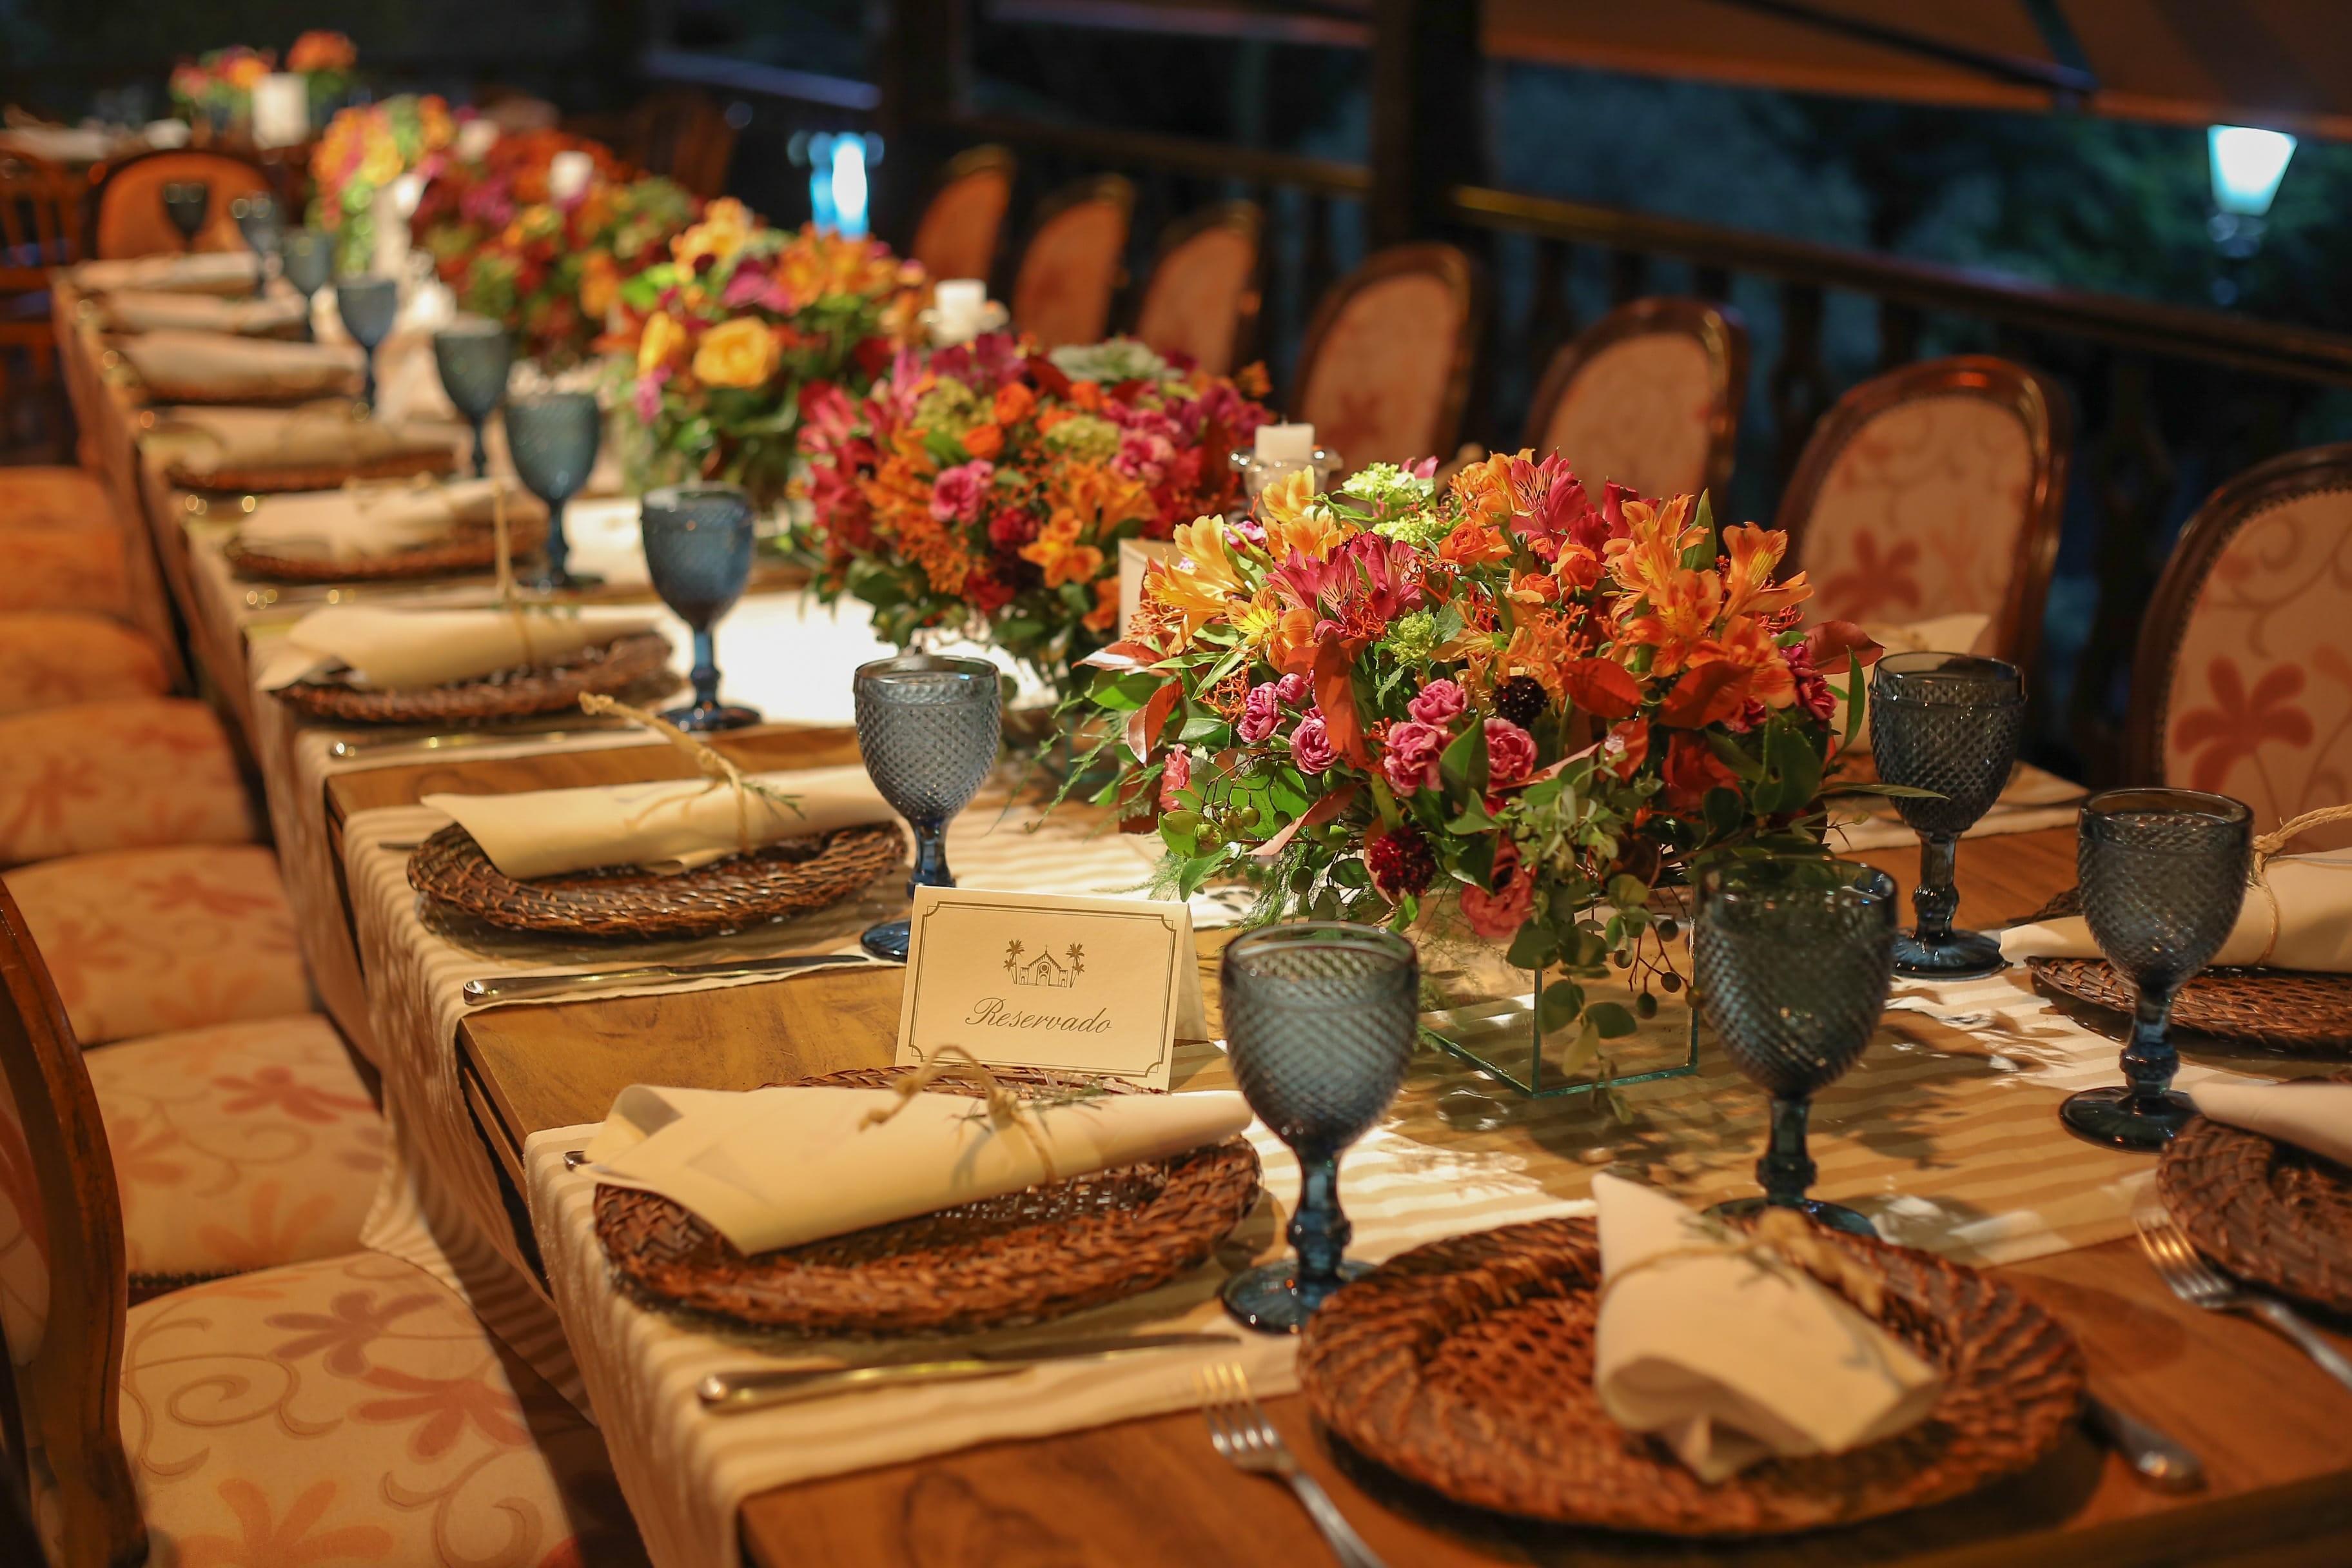 centros de mesa de um casamento